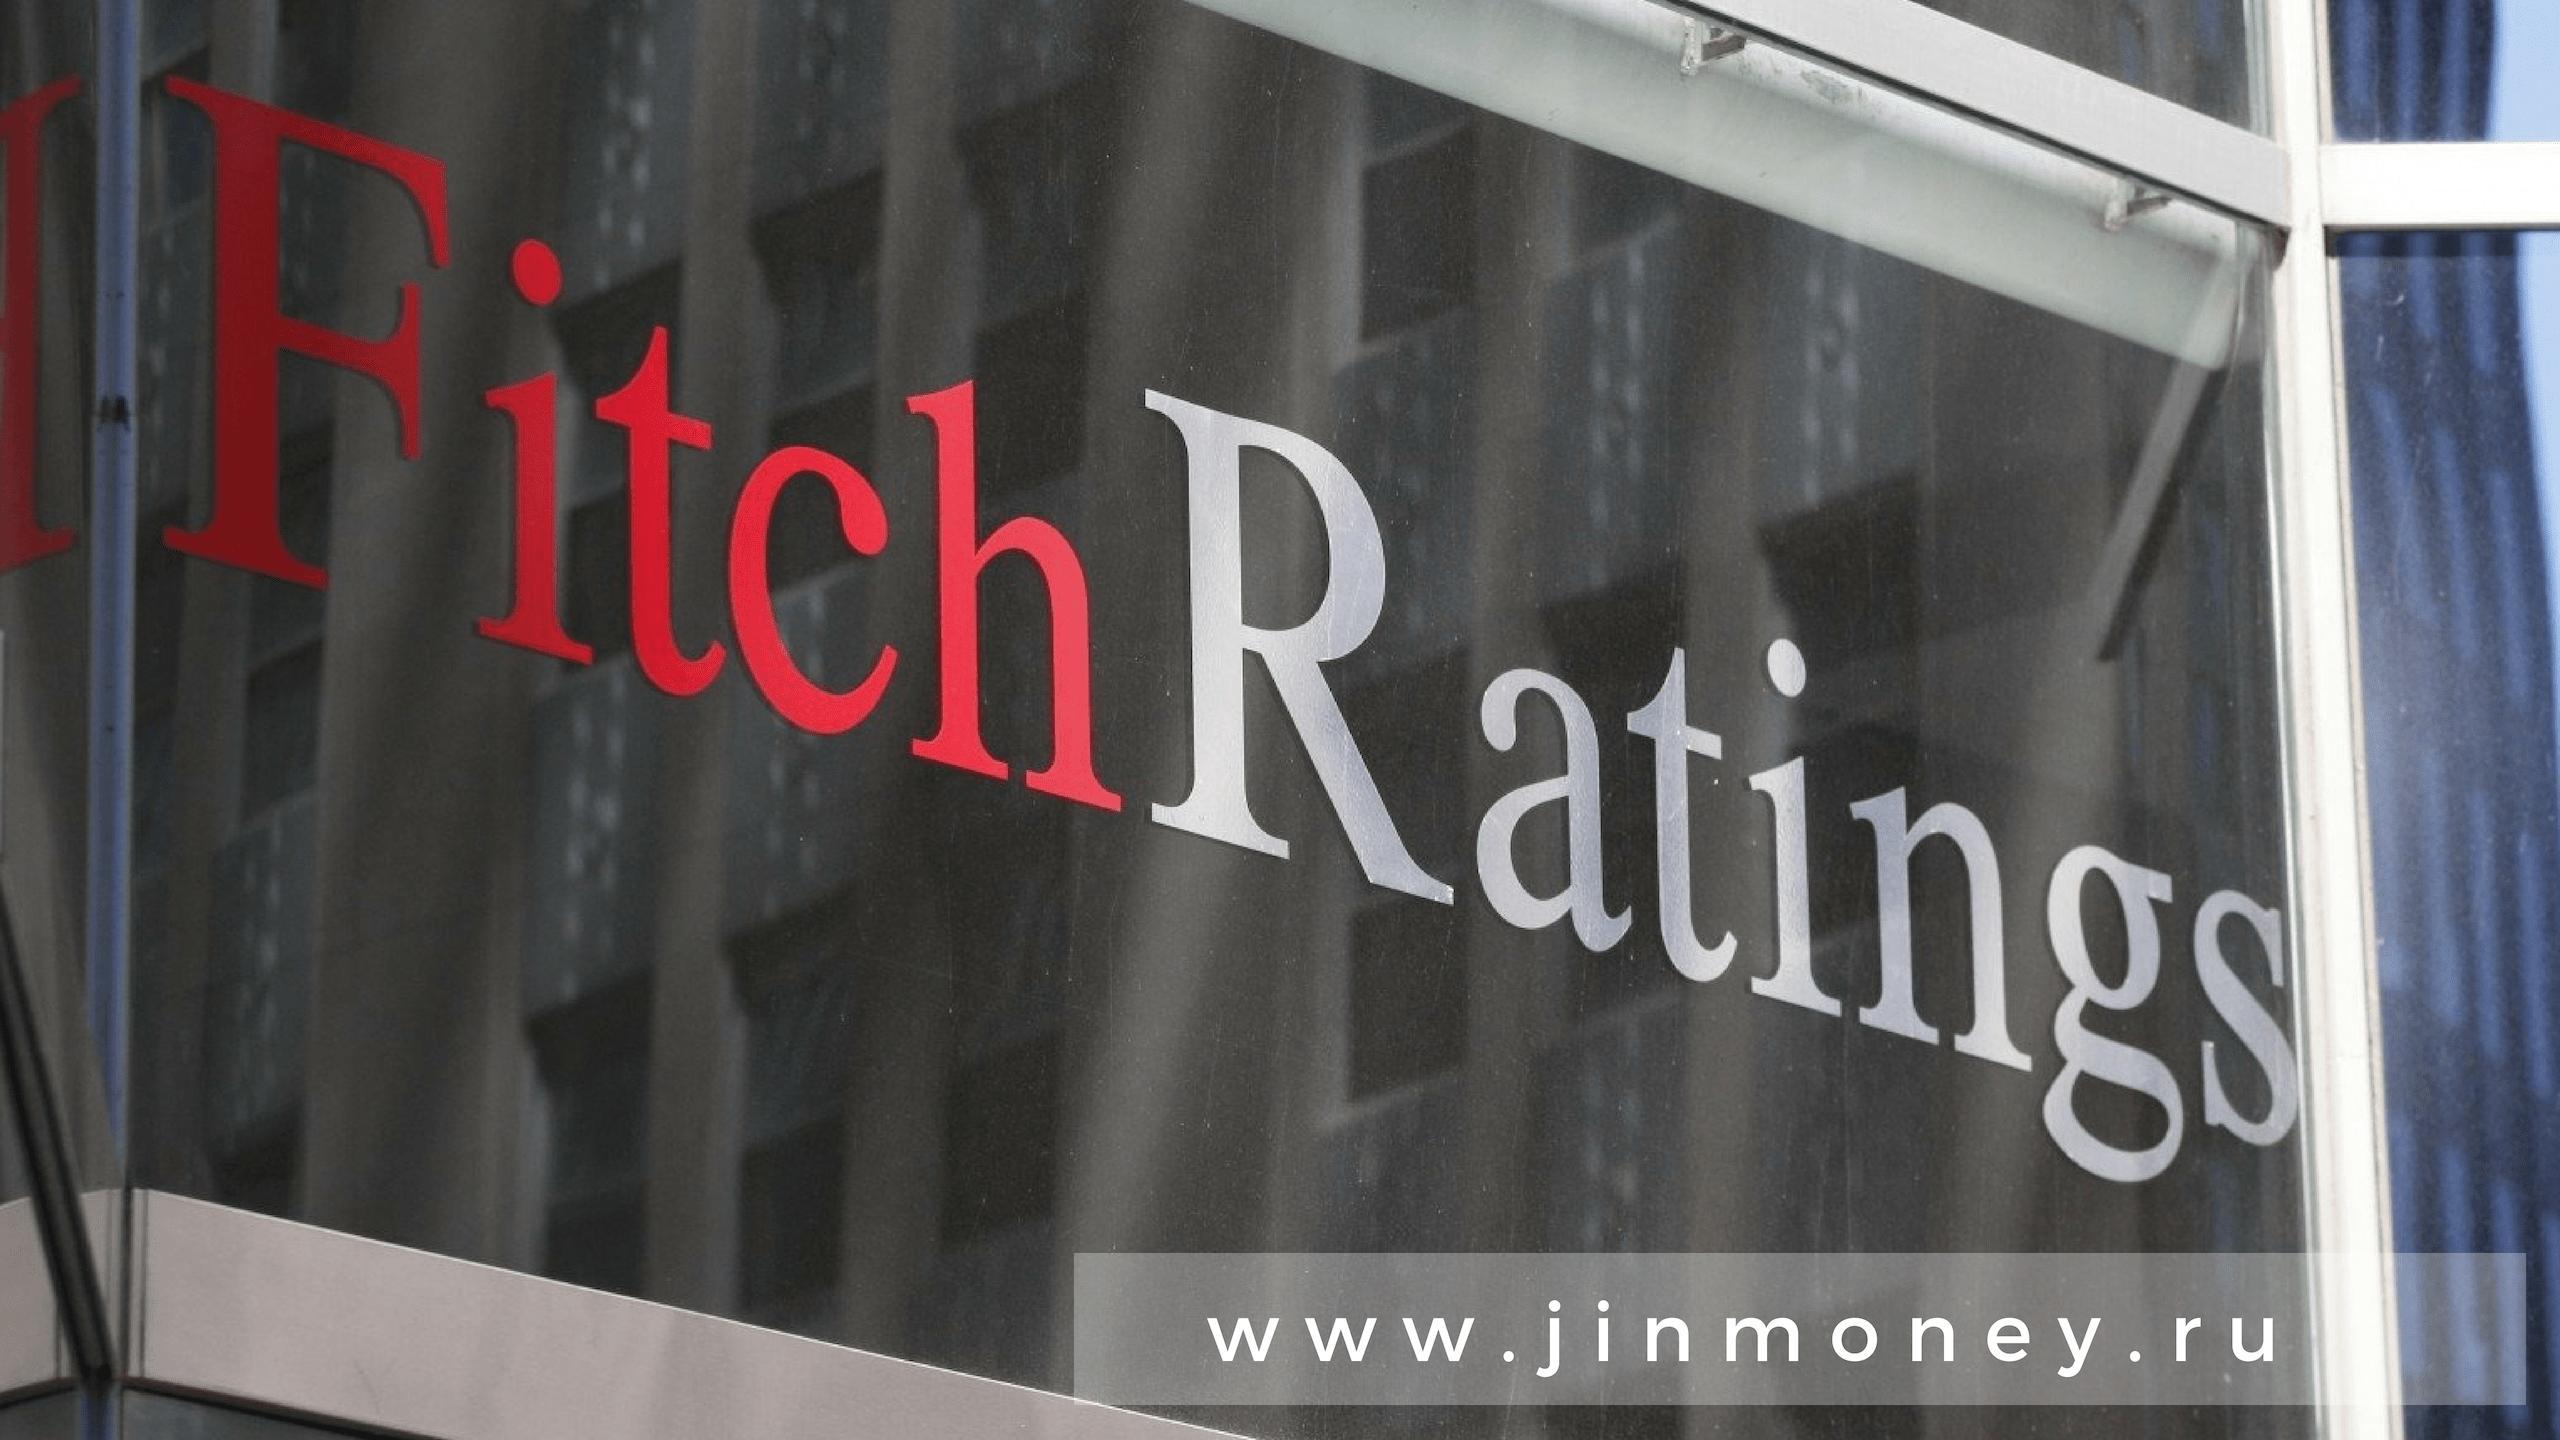 fitch предупреждает об опасности в розничном кредитовании